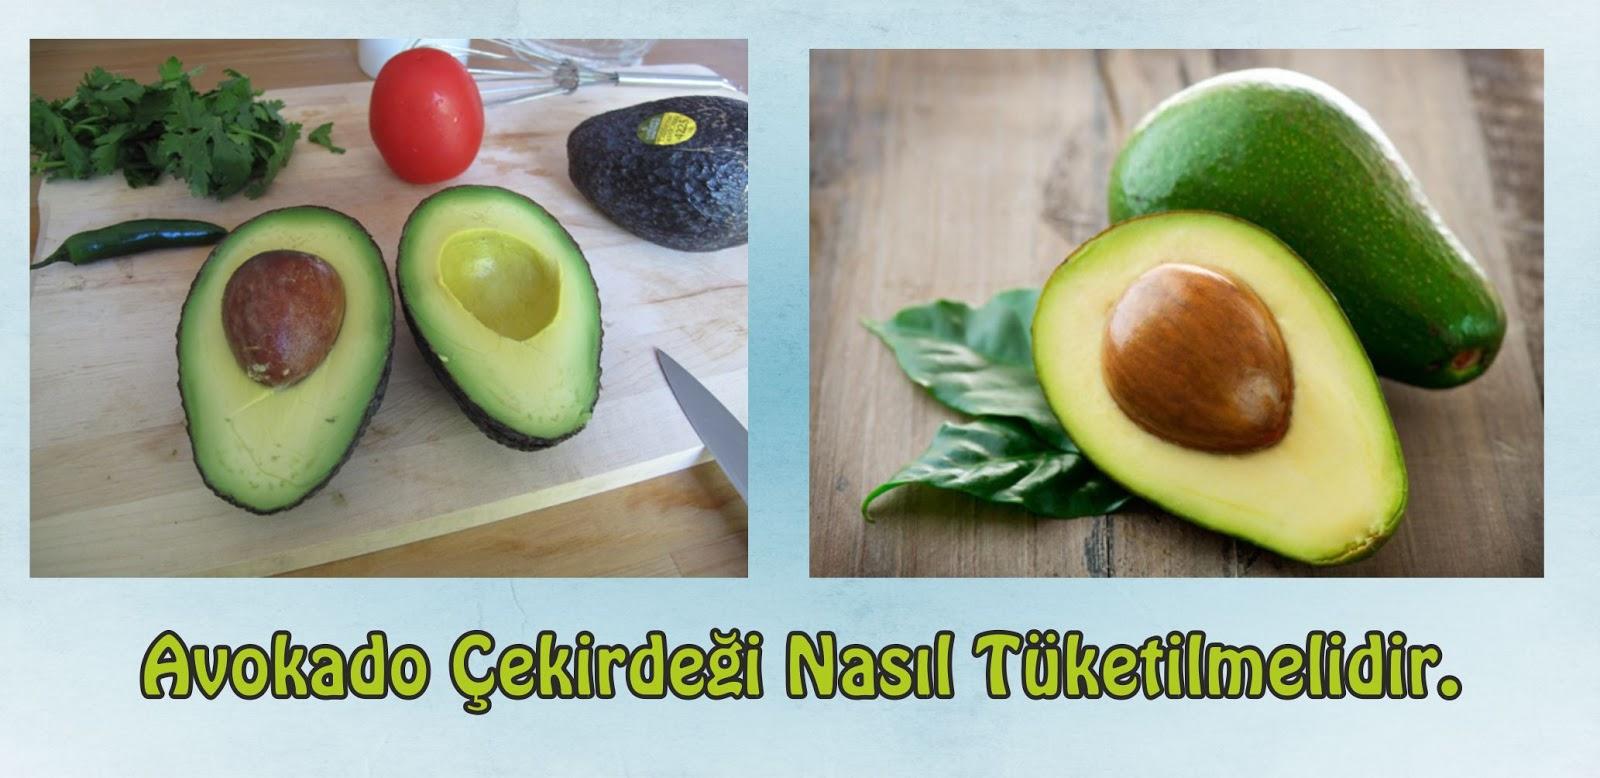 Avokado Yağı Cilde Nasıl Uygulanır: Avokado Yağının Faydaları